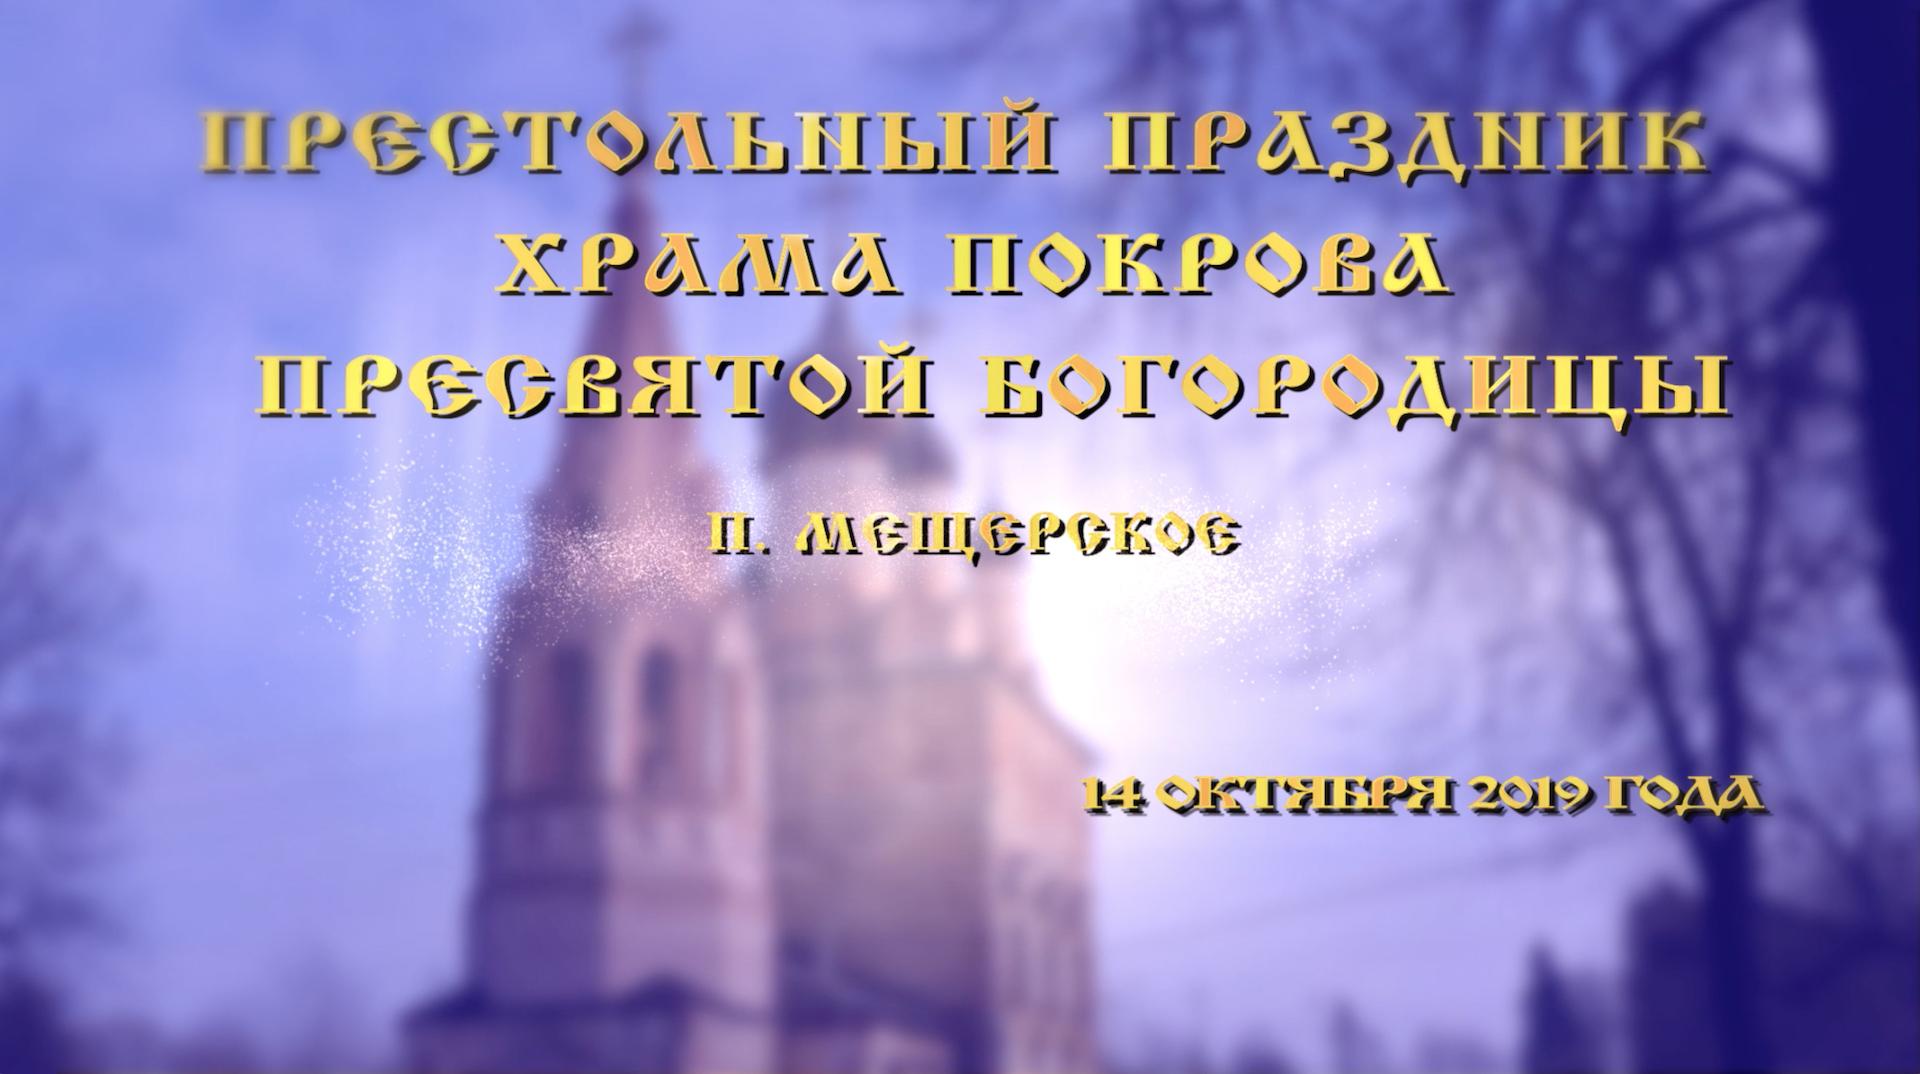 snimok_ekrana_2019-10-24_v_22.13.07_kopiya.jpg